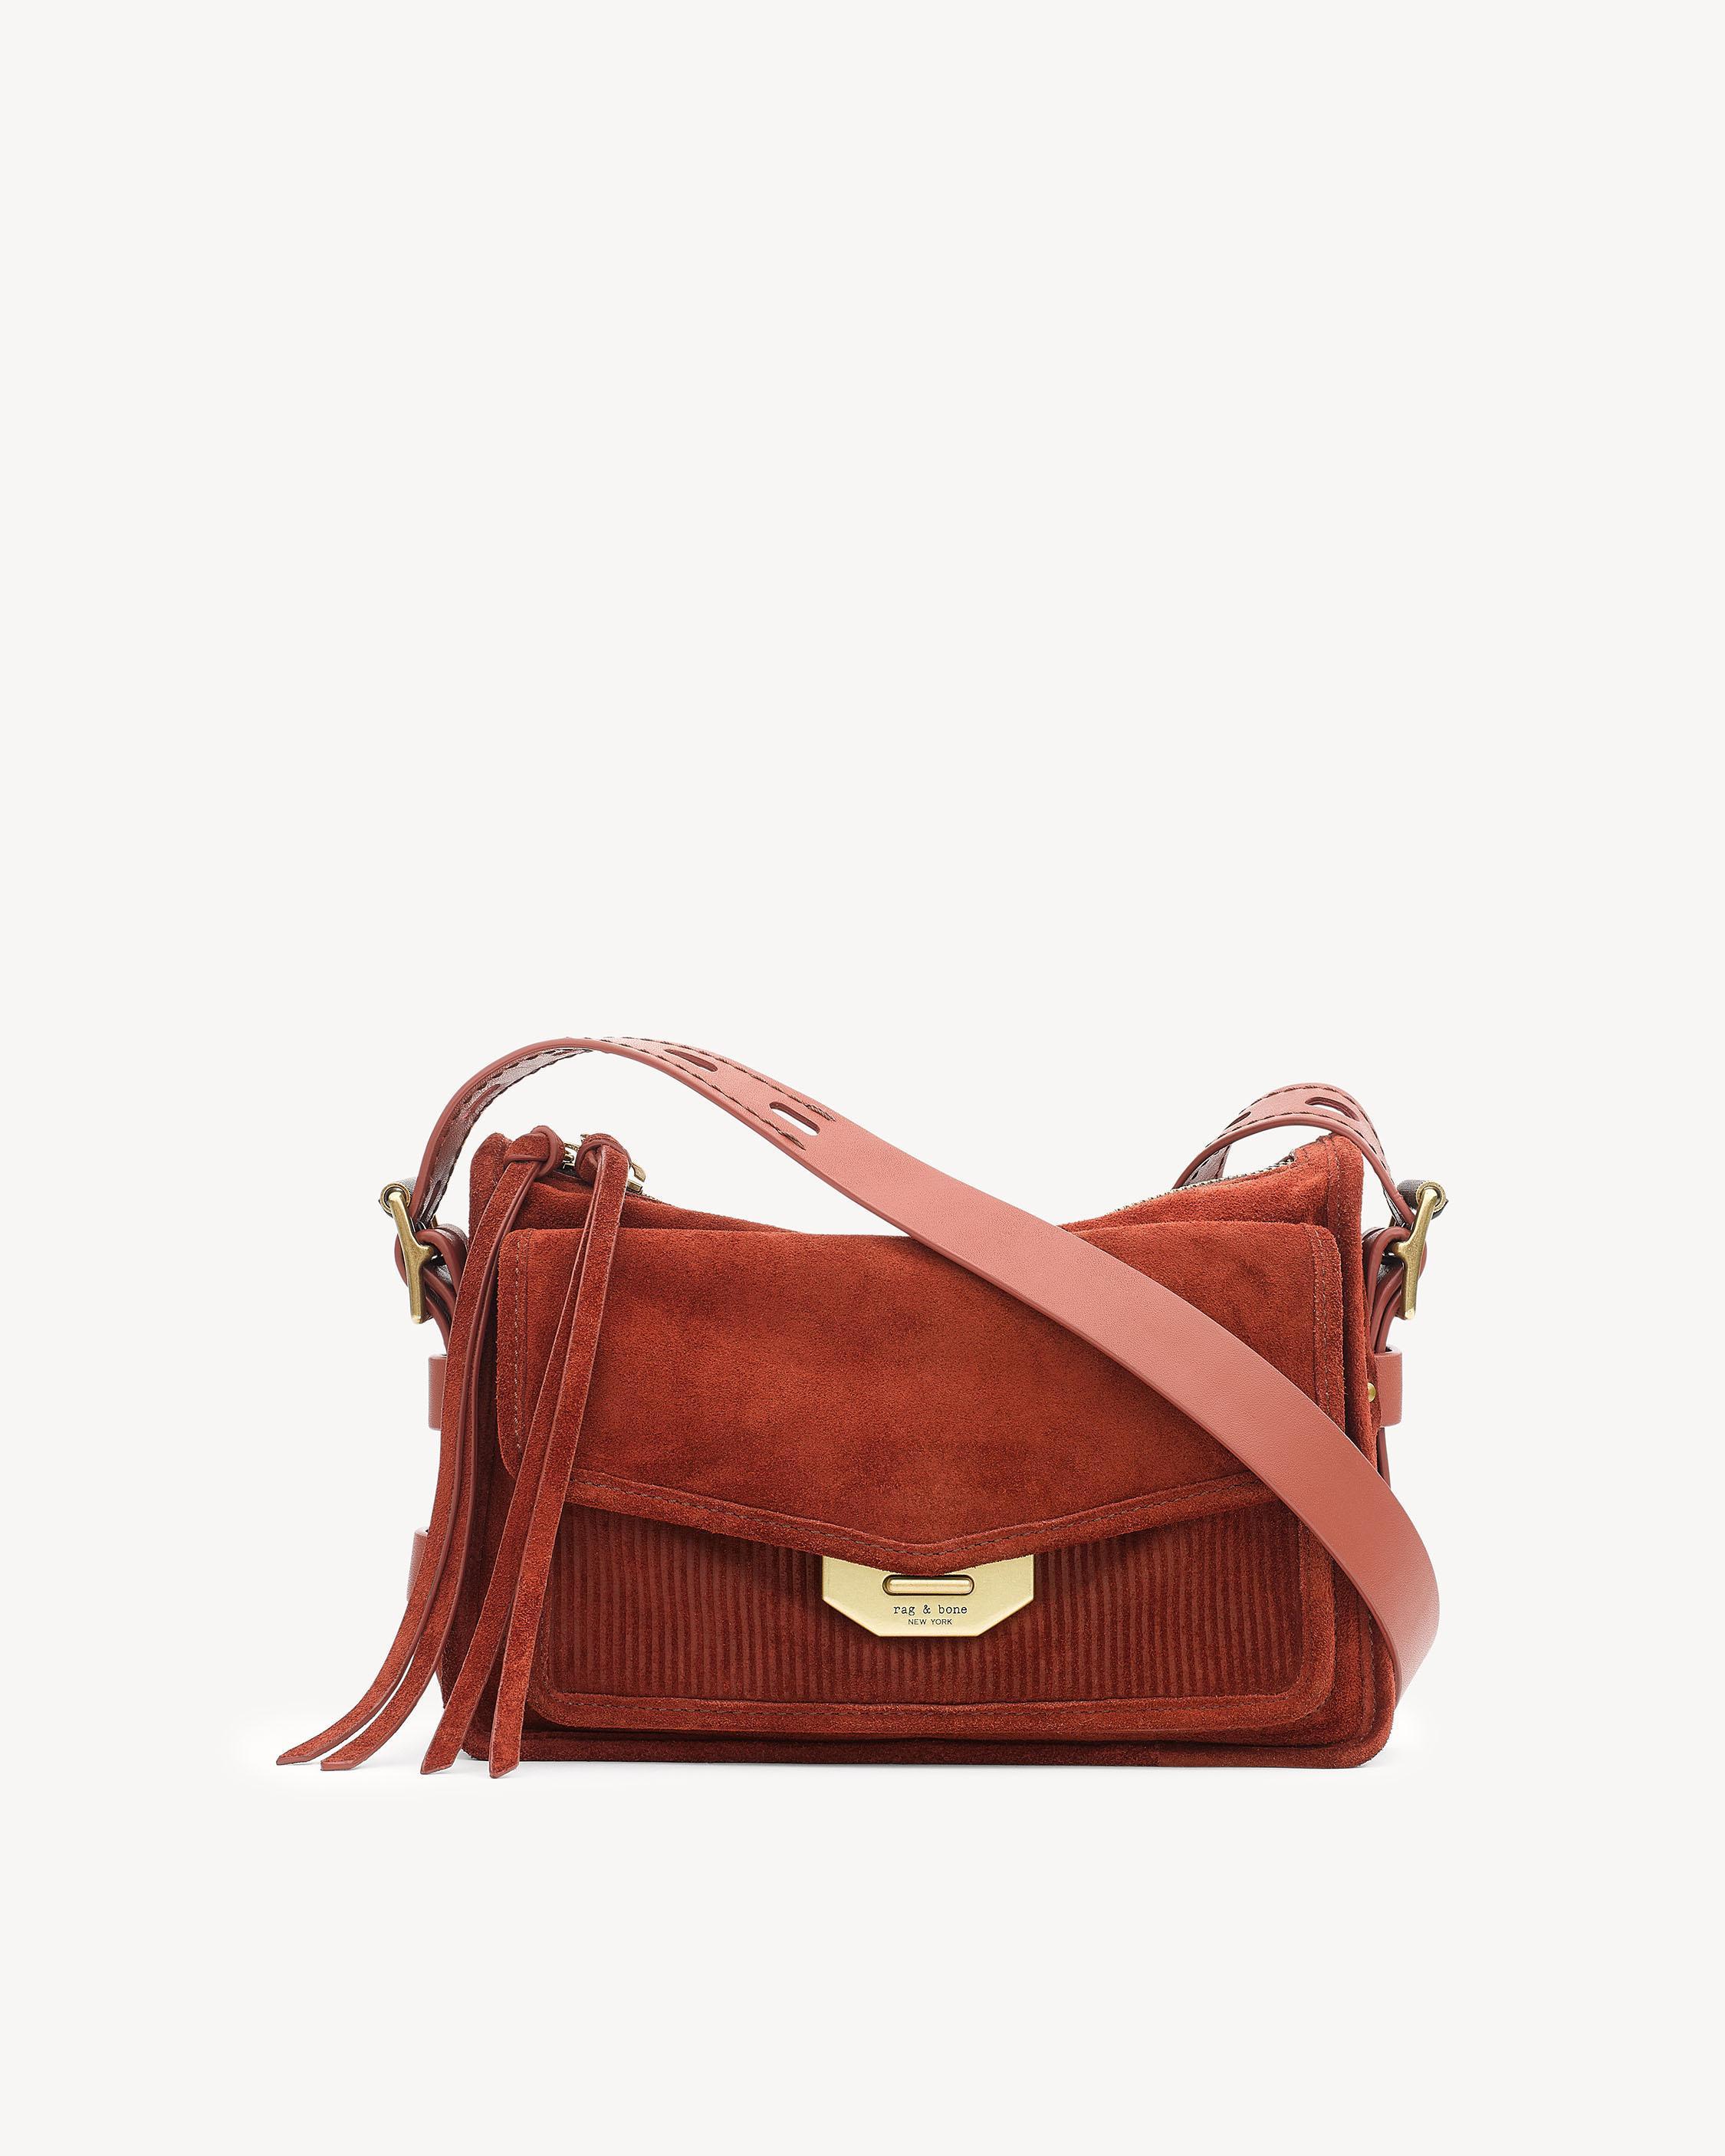 paige danielle purses